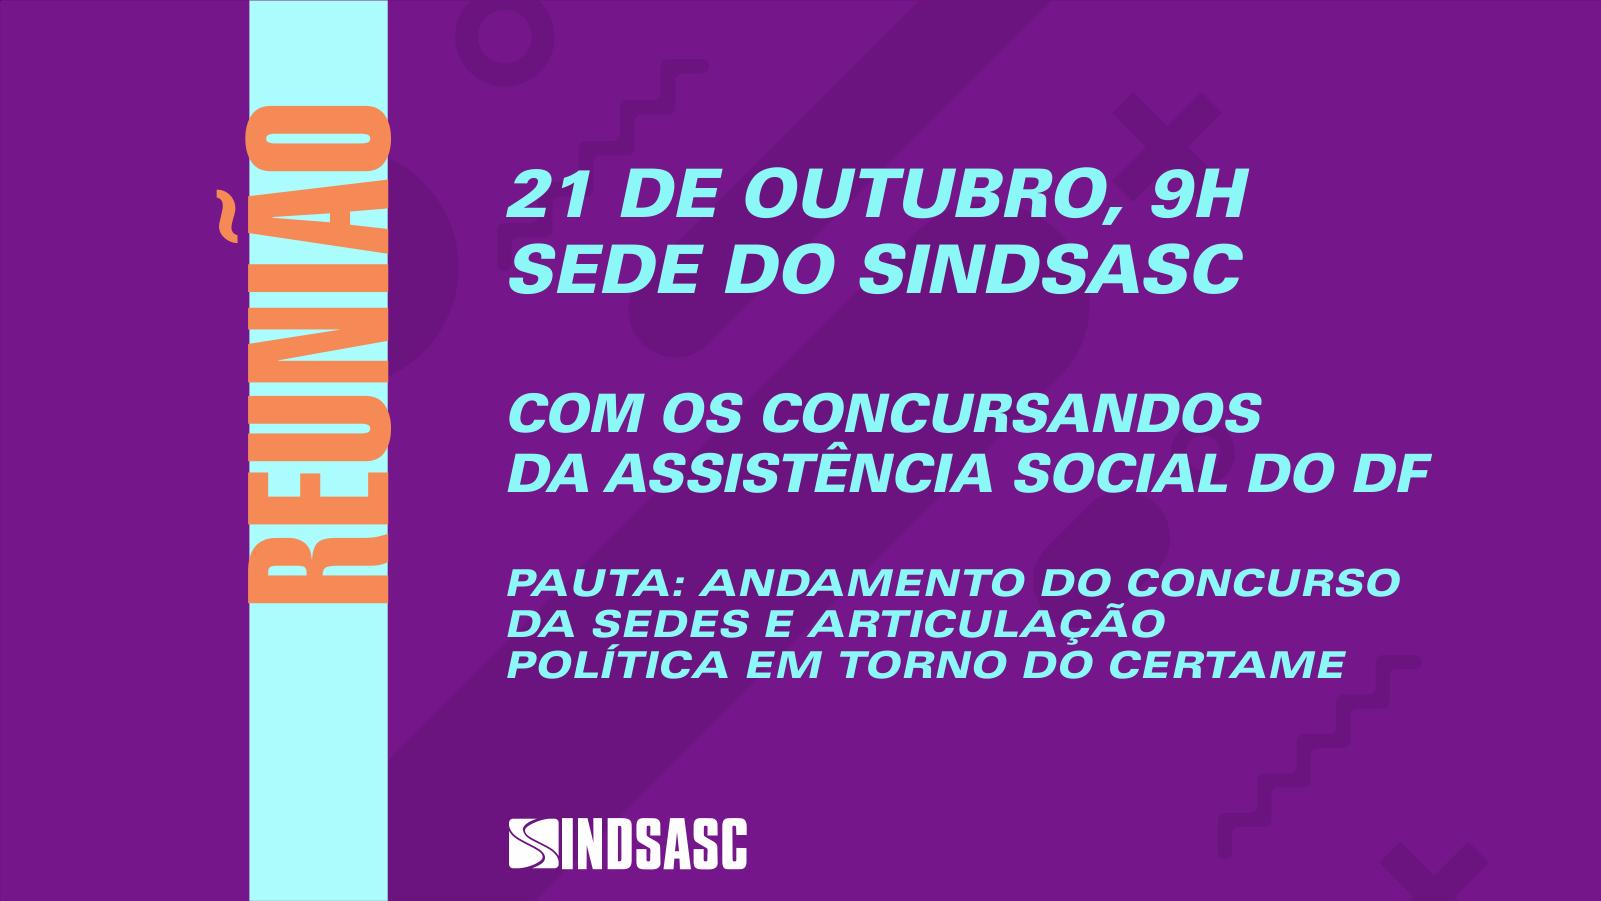 Certame da Sedes é tema de reunião com os concursandos no dia 21 de outubro